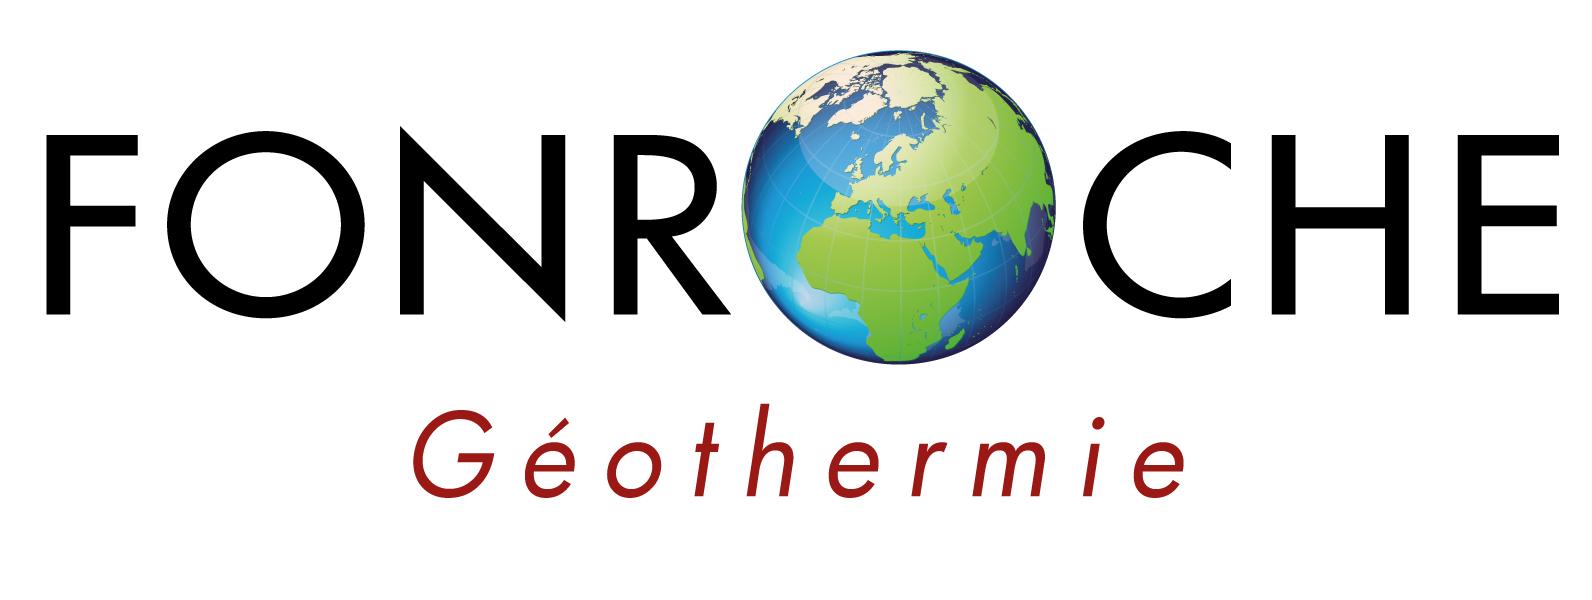 Energie géothermique Fonroche